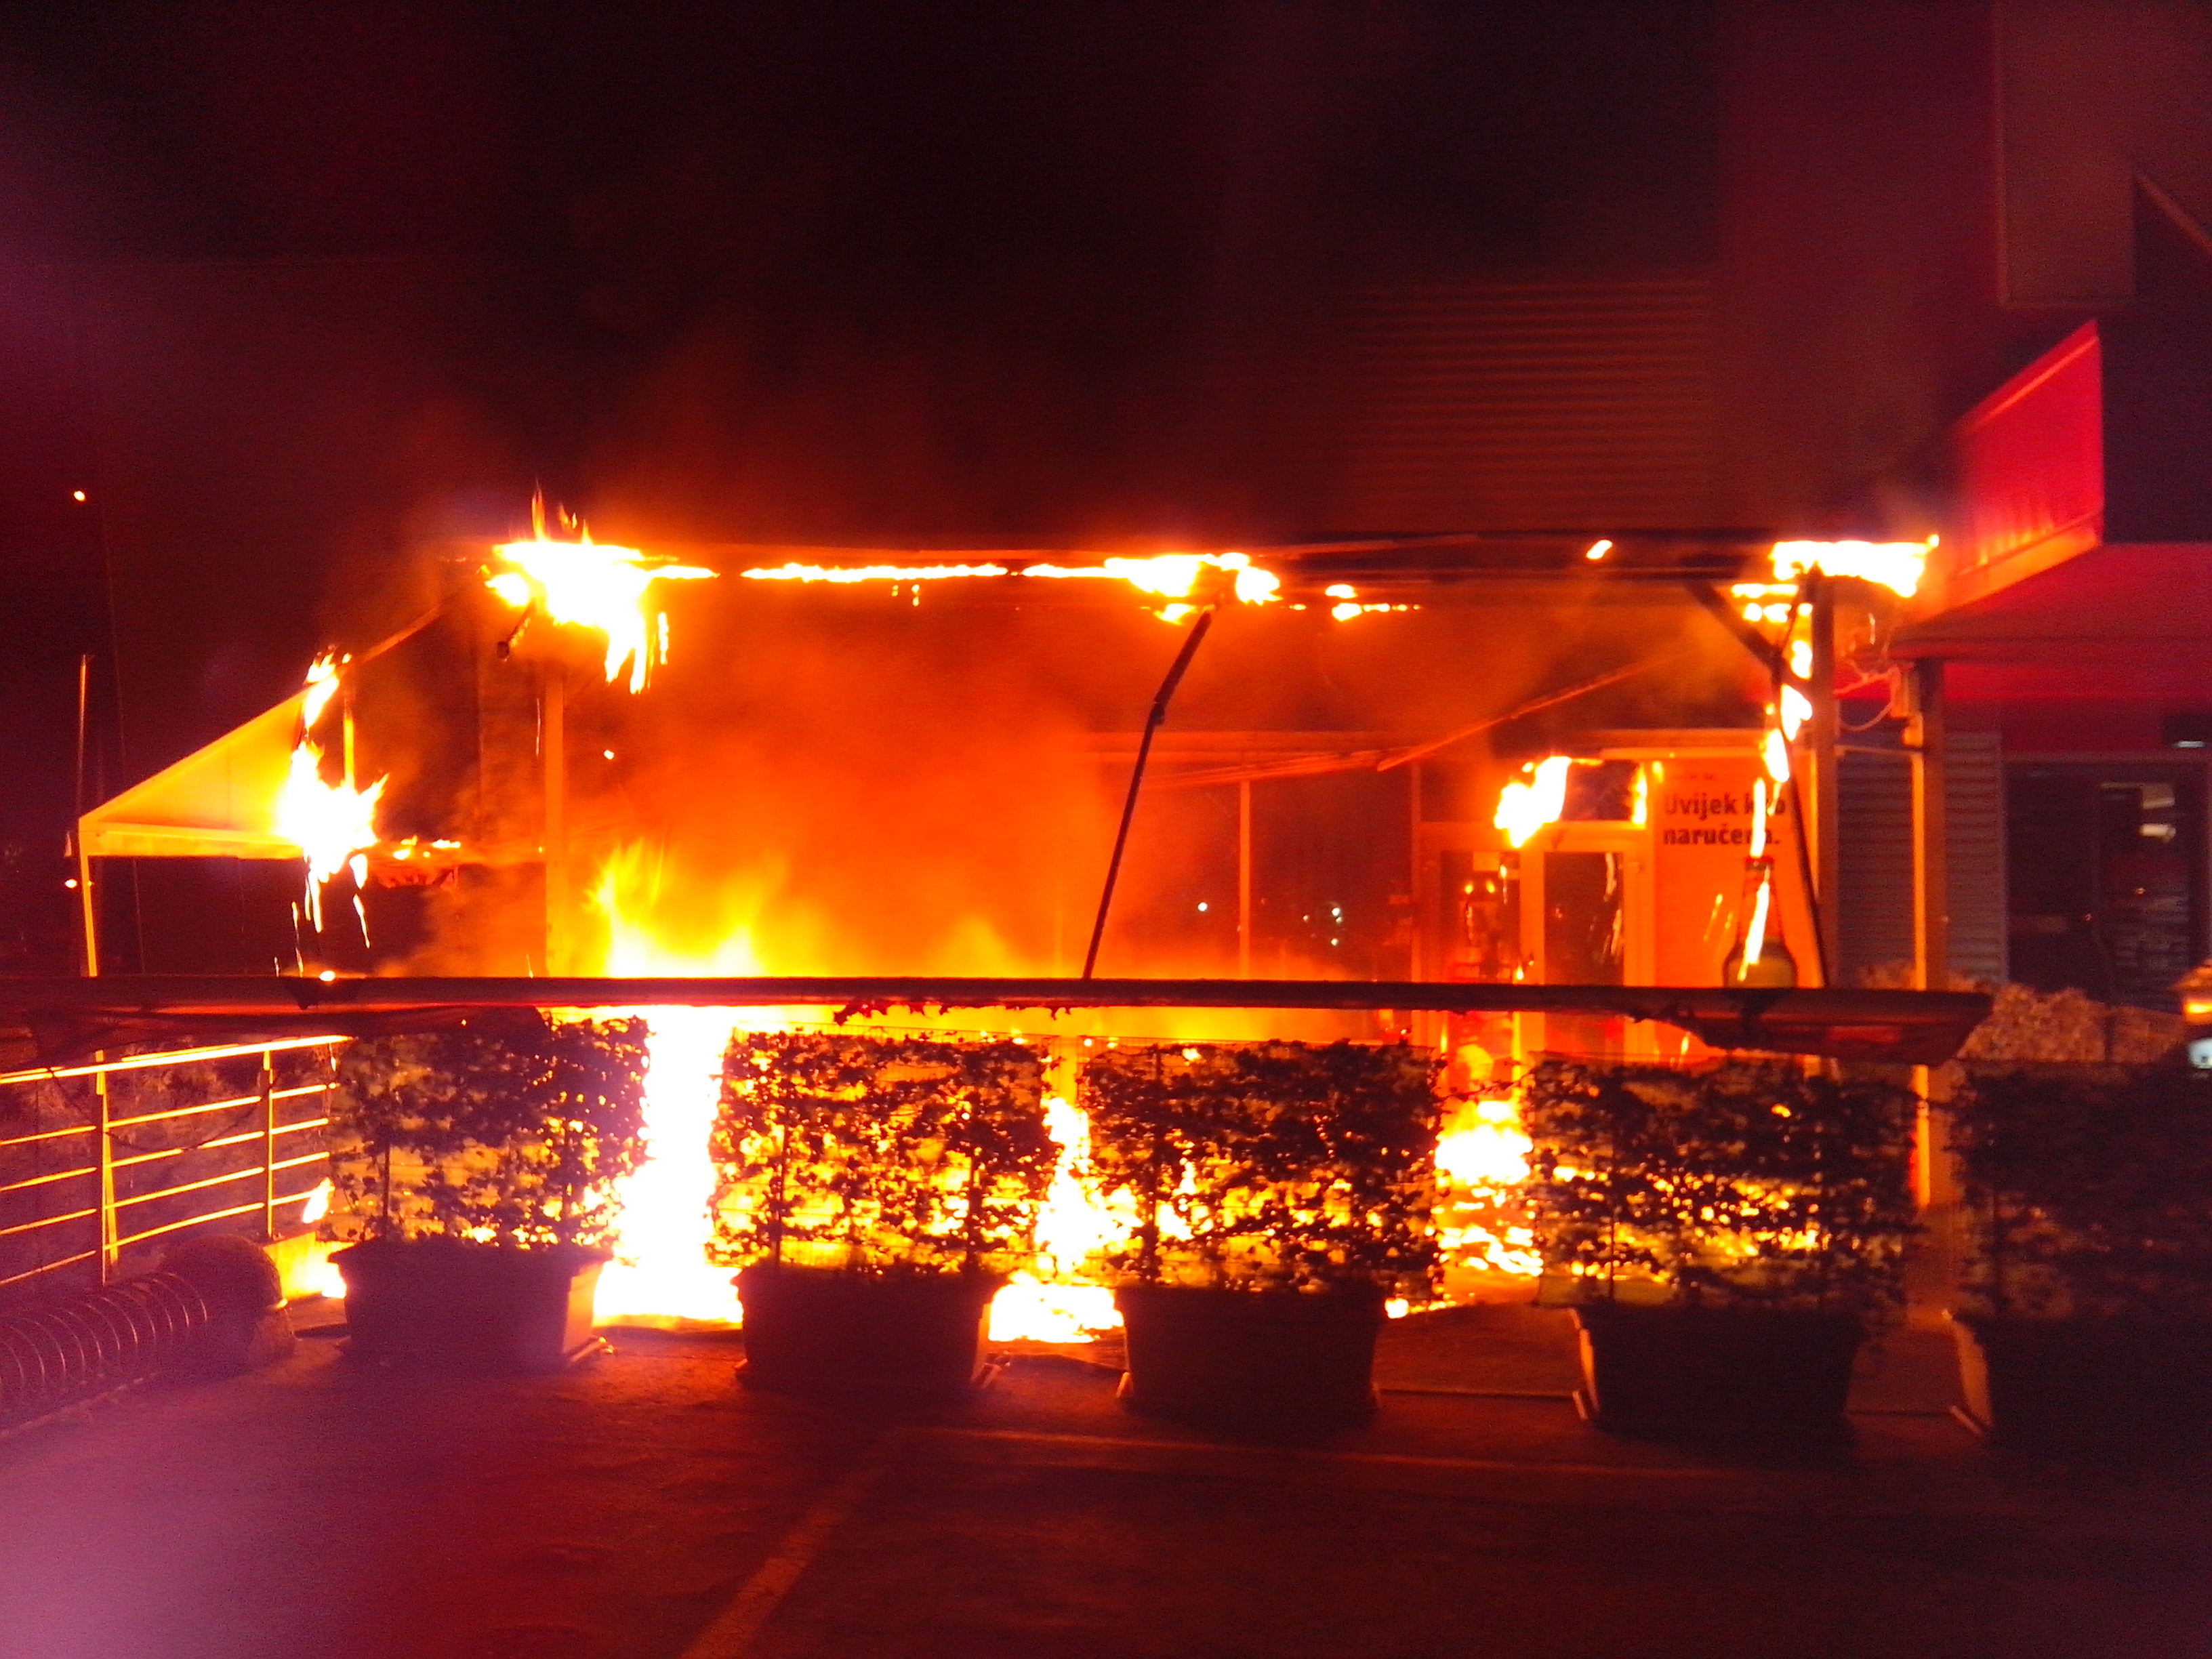 Kako spriječiti požar u ugostiteljskom objektu?